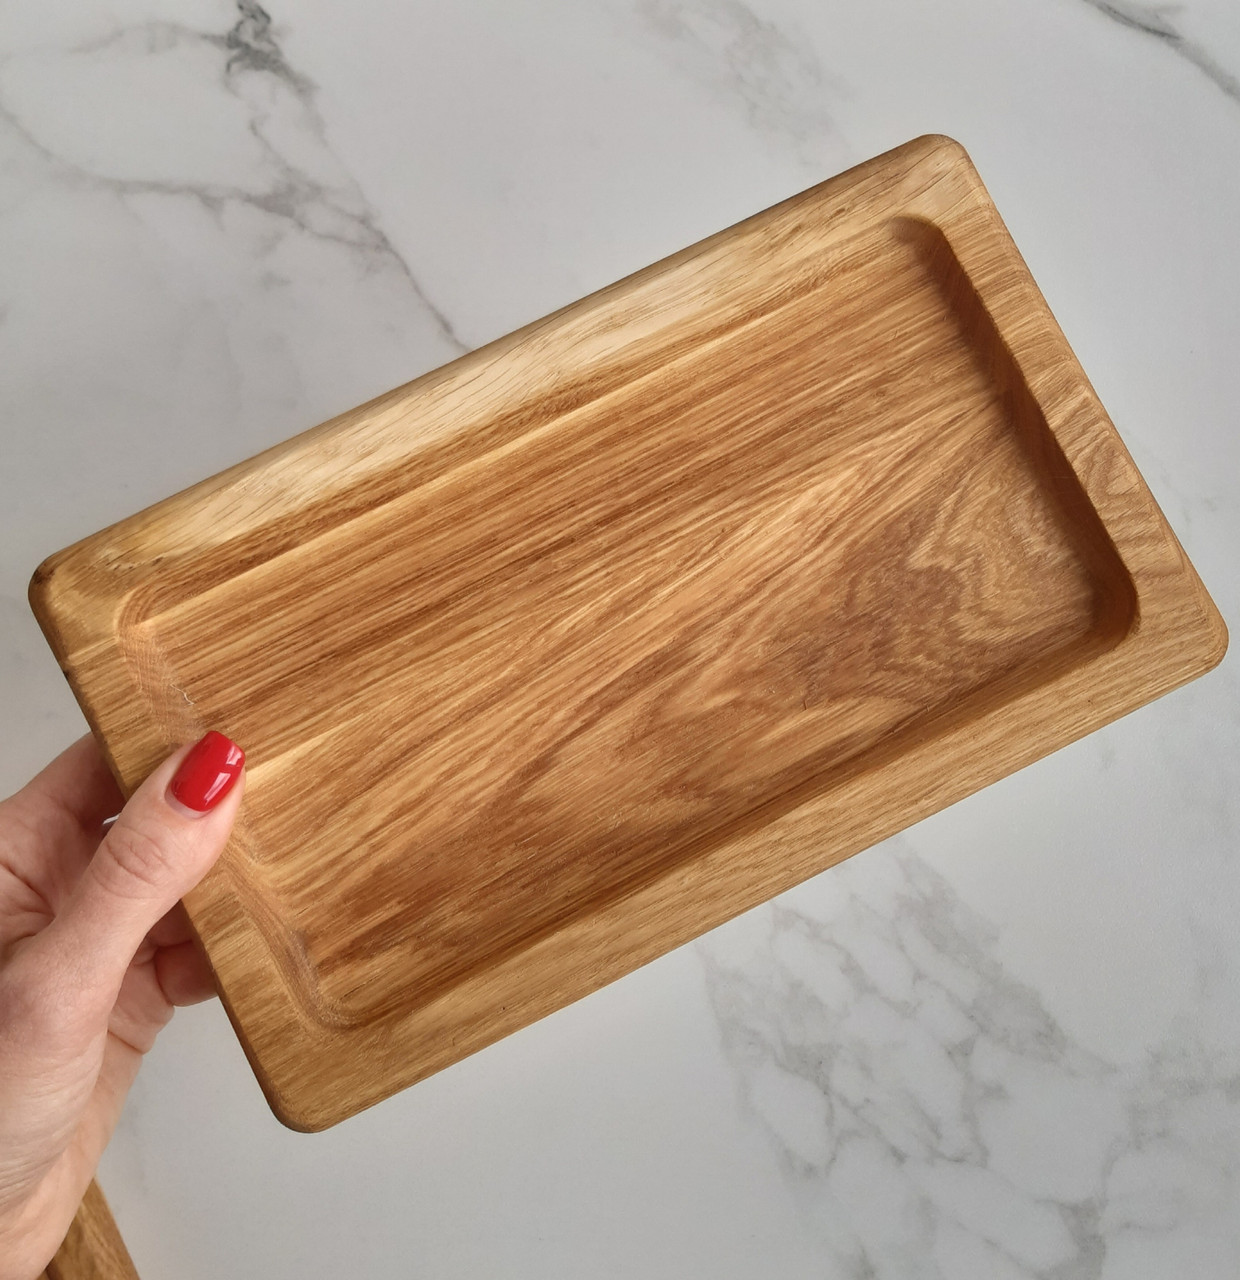 Дошка дерев'яна посуд сервіровки порційна для суші, шашлику 24*14 см